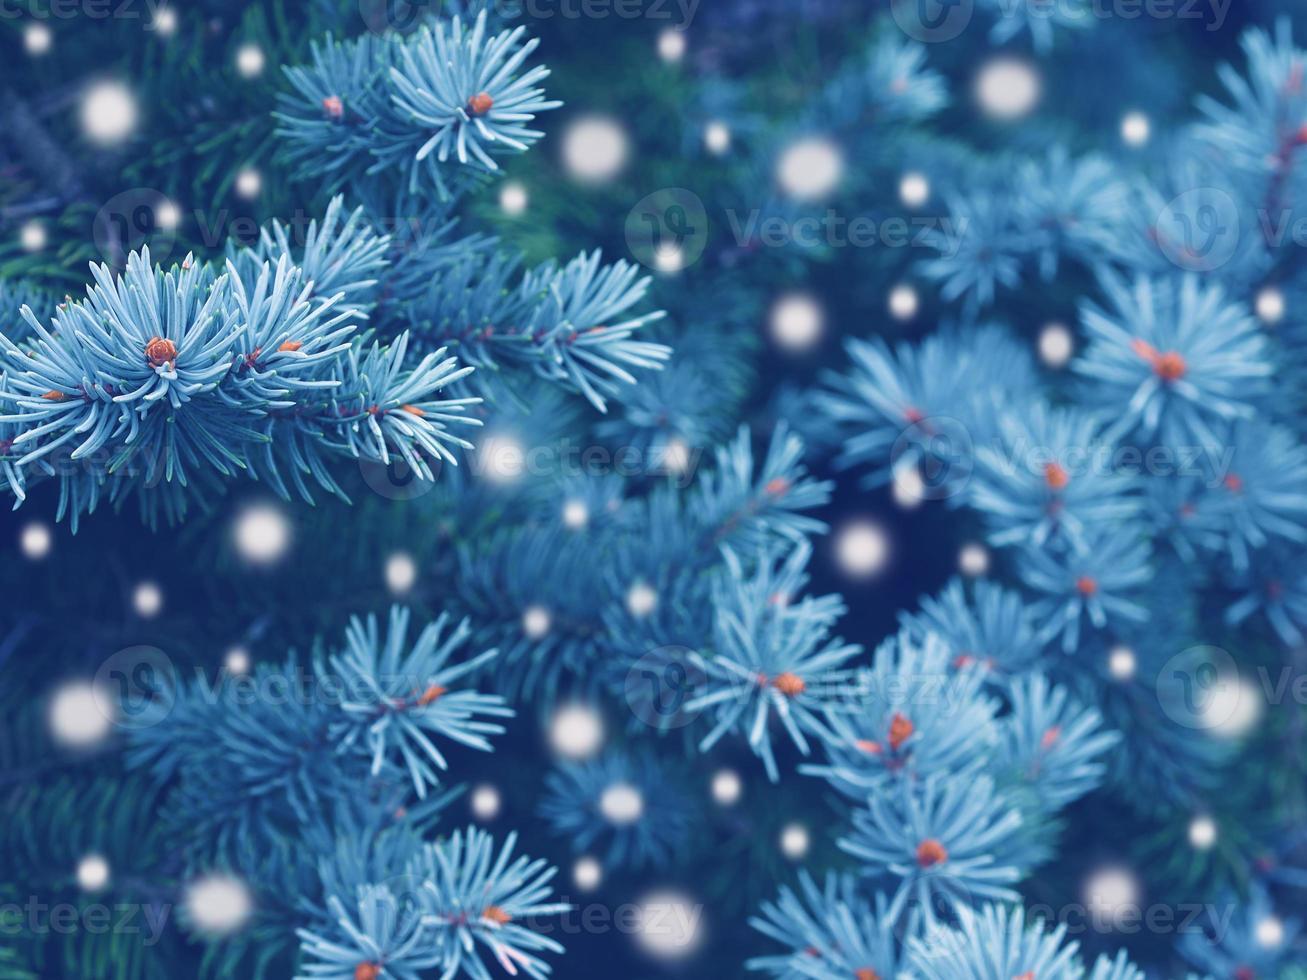 vintermagi i skogen foto